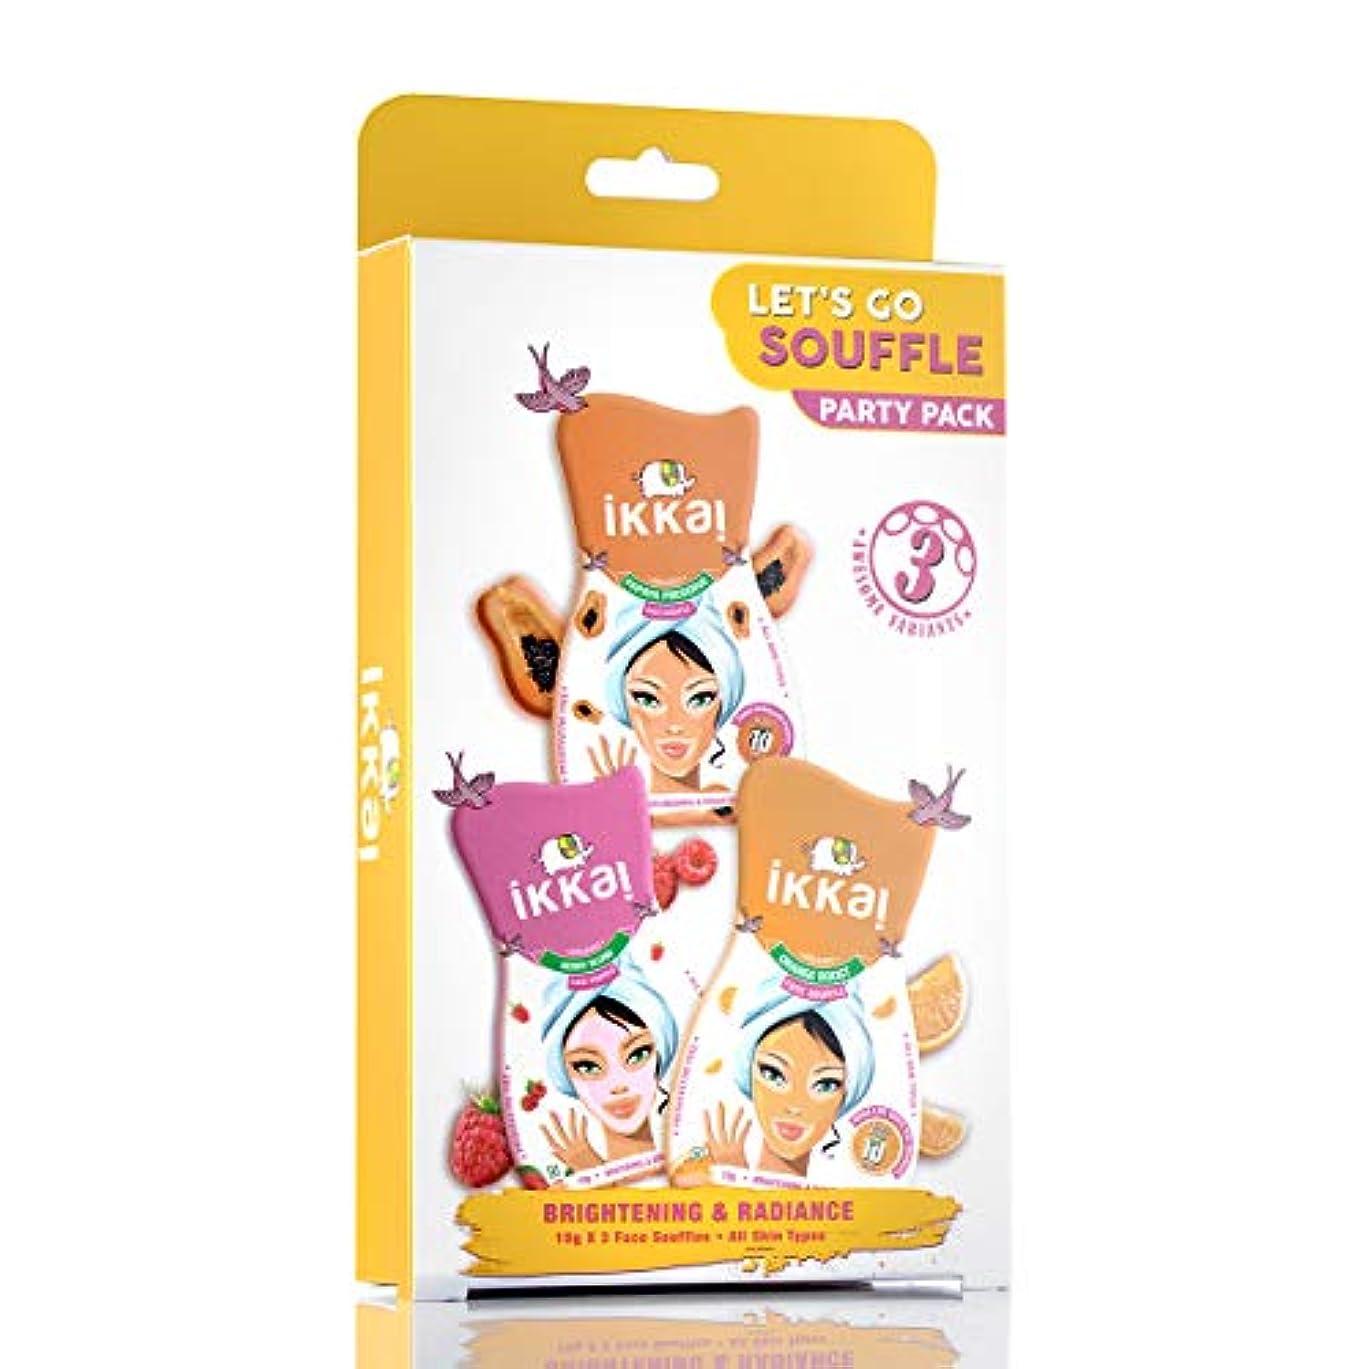 自動用量アプライアンスIkkai by Lotus Herbals Lets Go Souffle Party Pack (1 Face Mask, 1 Face Scrub and 1 Face Souffle)